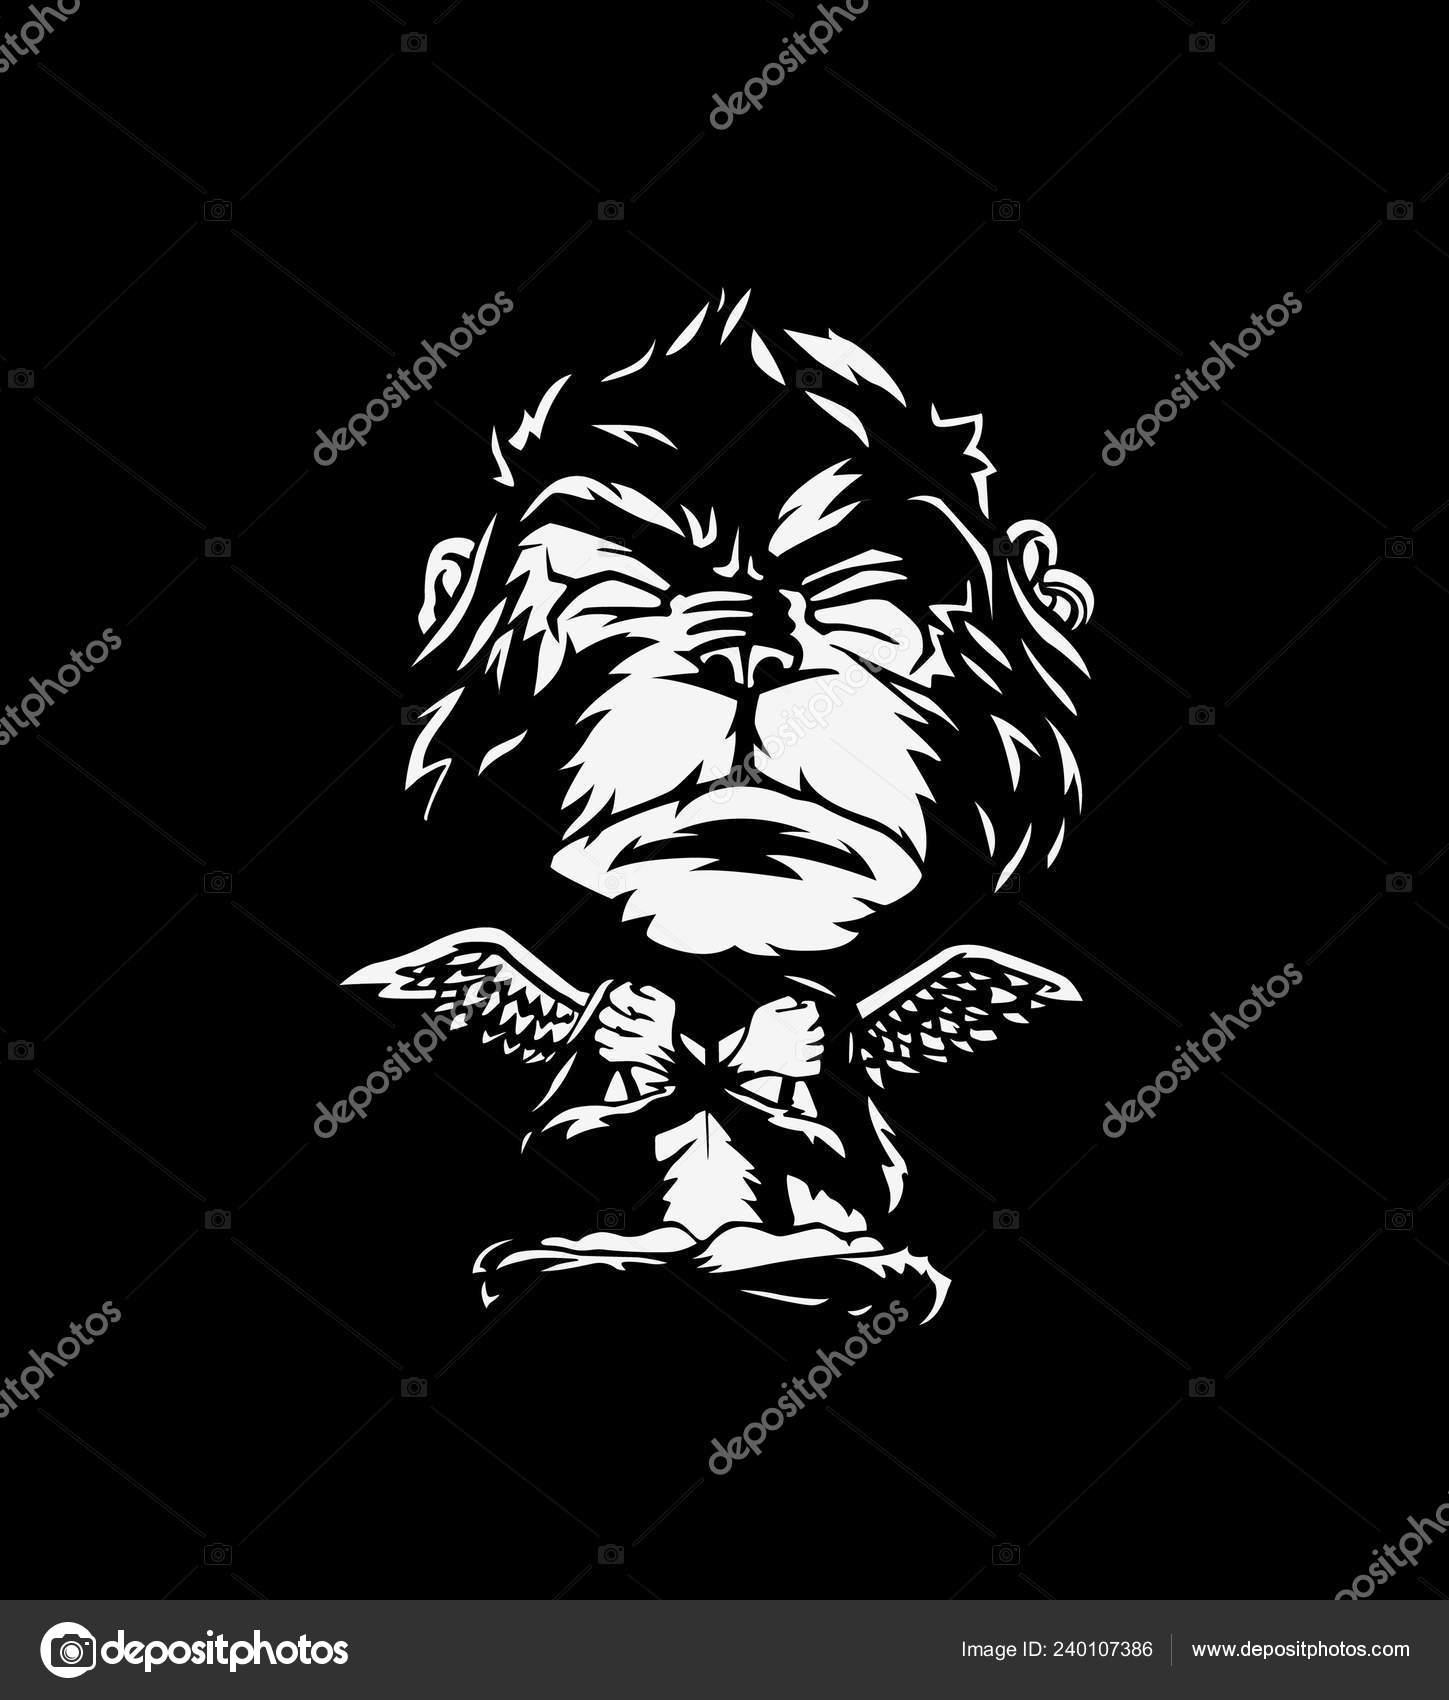 monkey isolated black background meditation monkey yoga pose vector illustration stock vector c redshinestudio 240107386 monkey isolated black background meditation monkey yoga pose vector illustration stock vector c redshinestudio 240107386